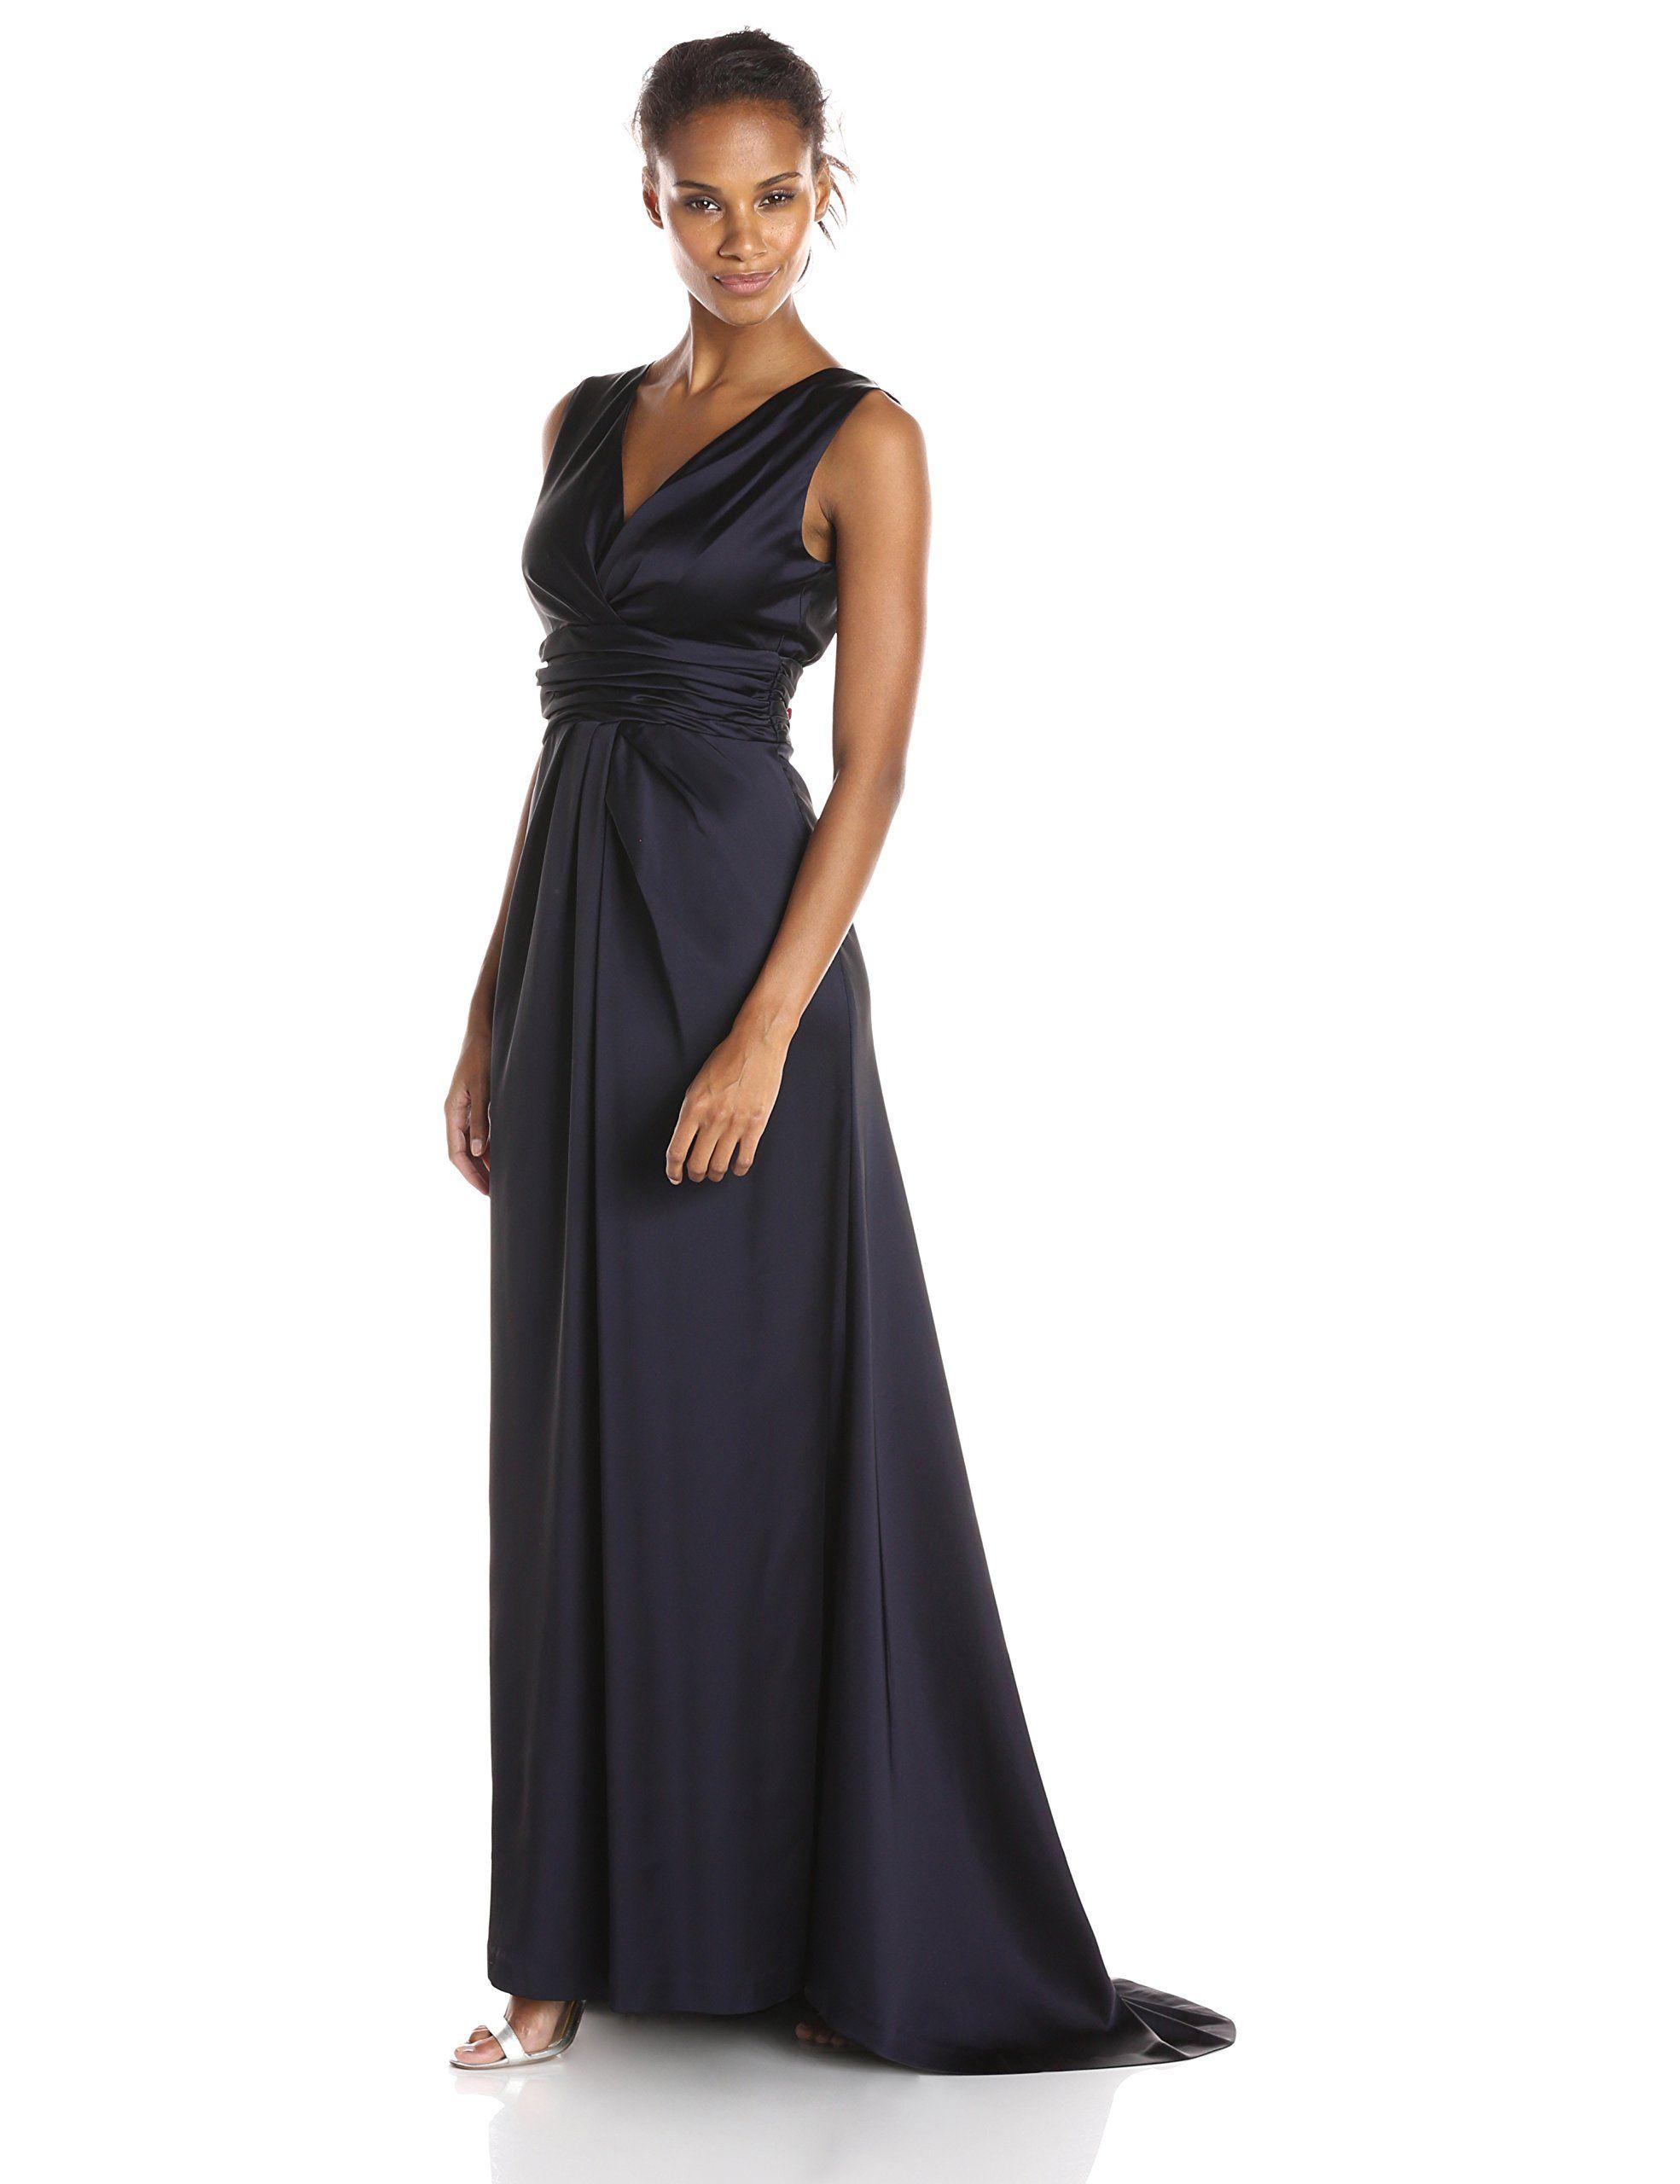 69f89ef68377 Vera Wang Women's Deep V Pleated Bodice Long Satin Dress, Navy, 6 ...